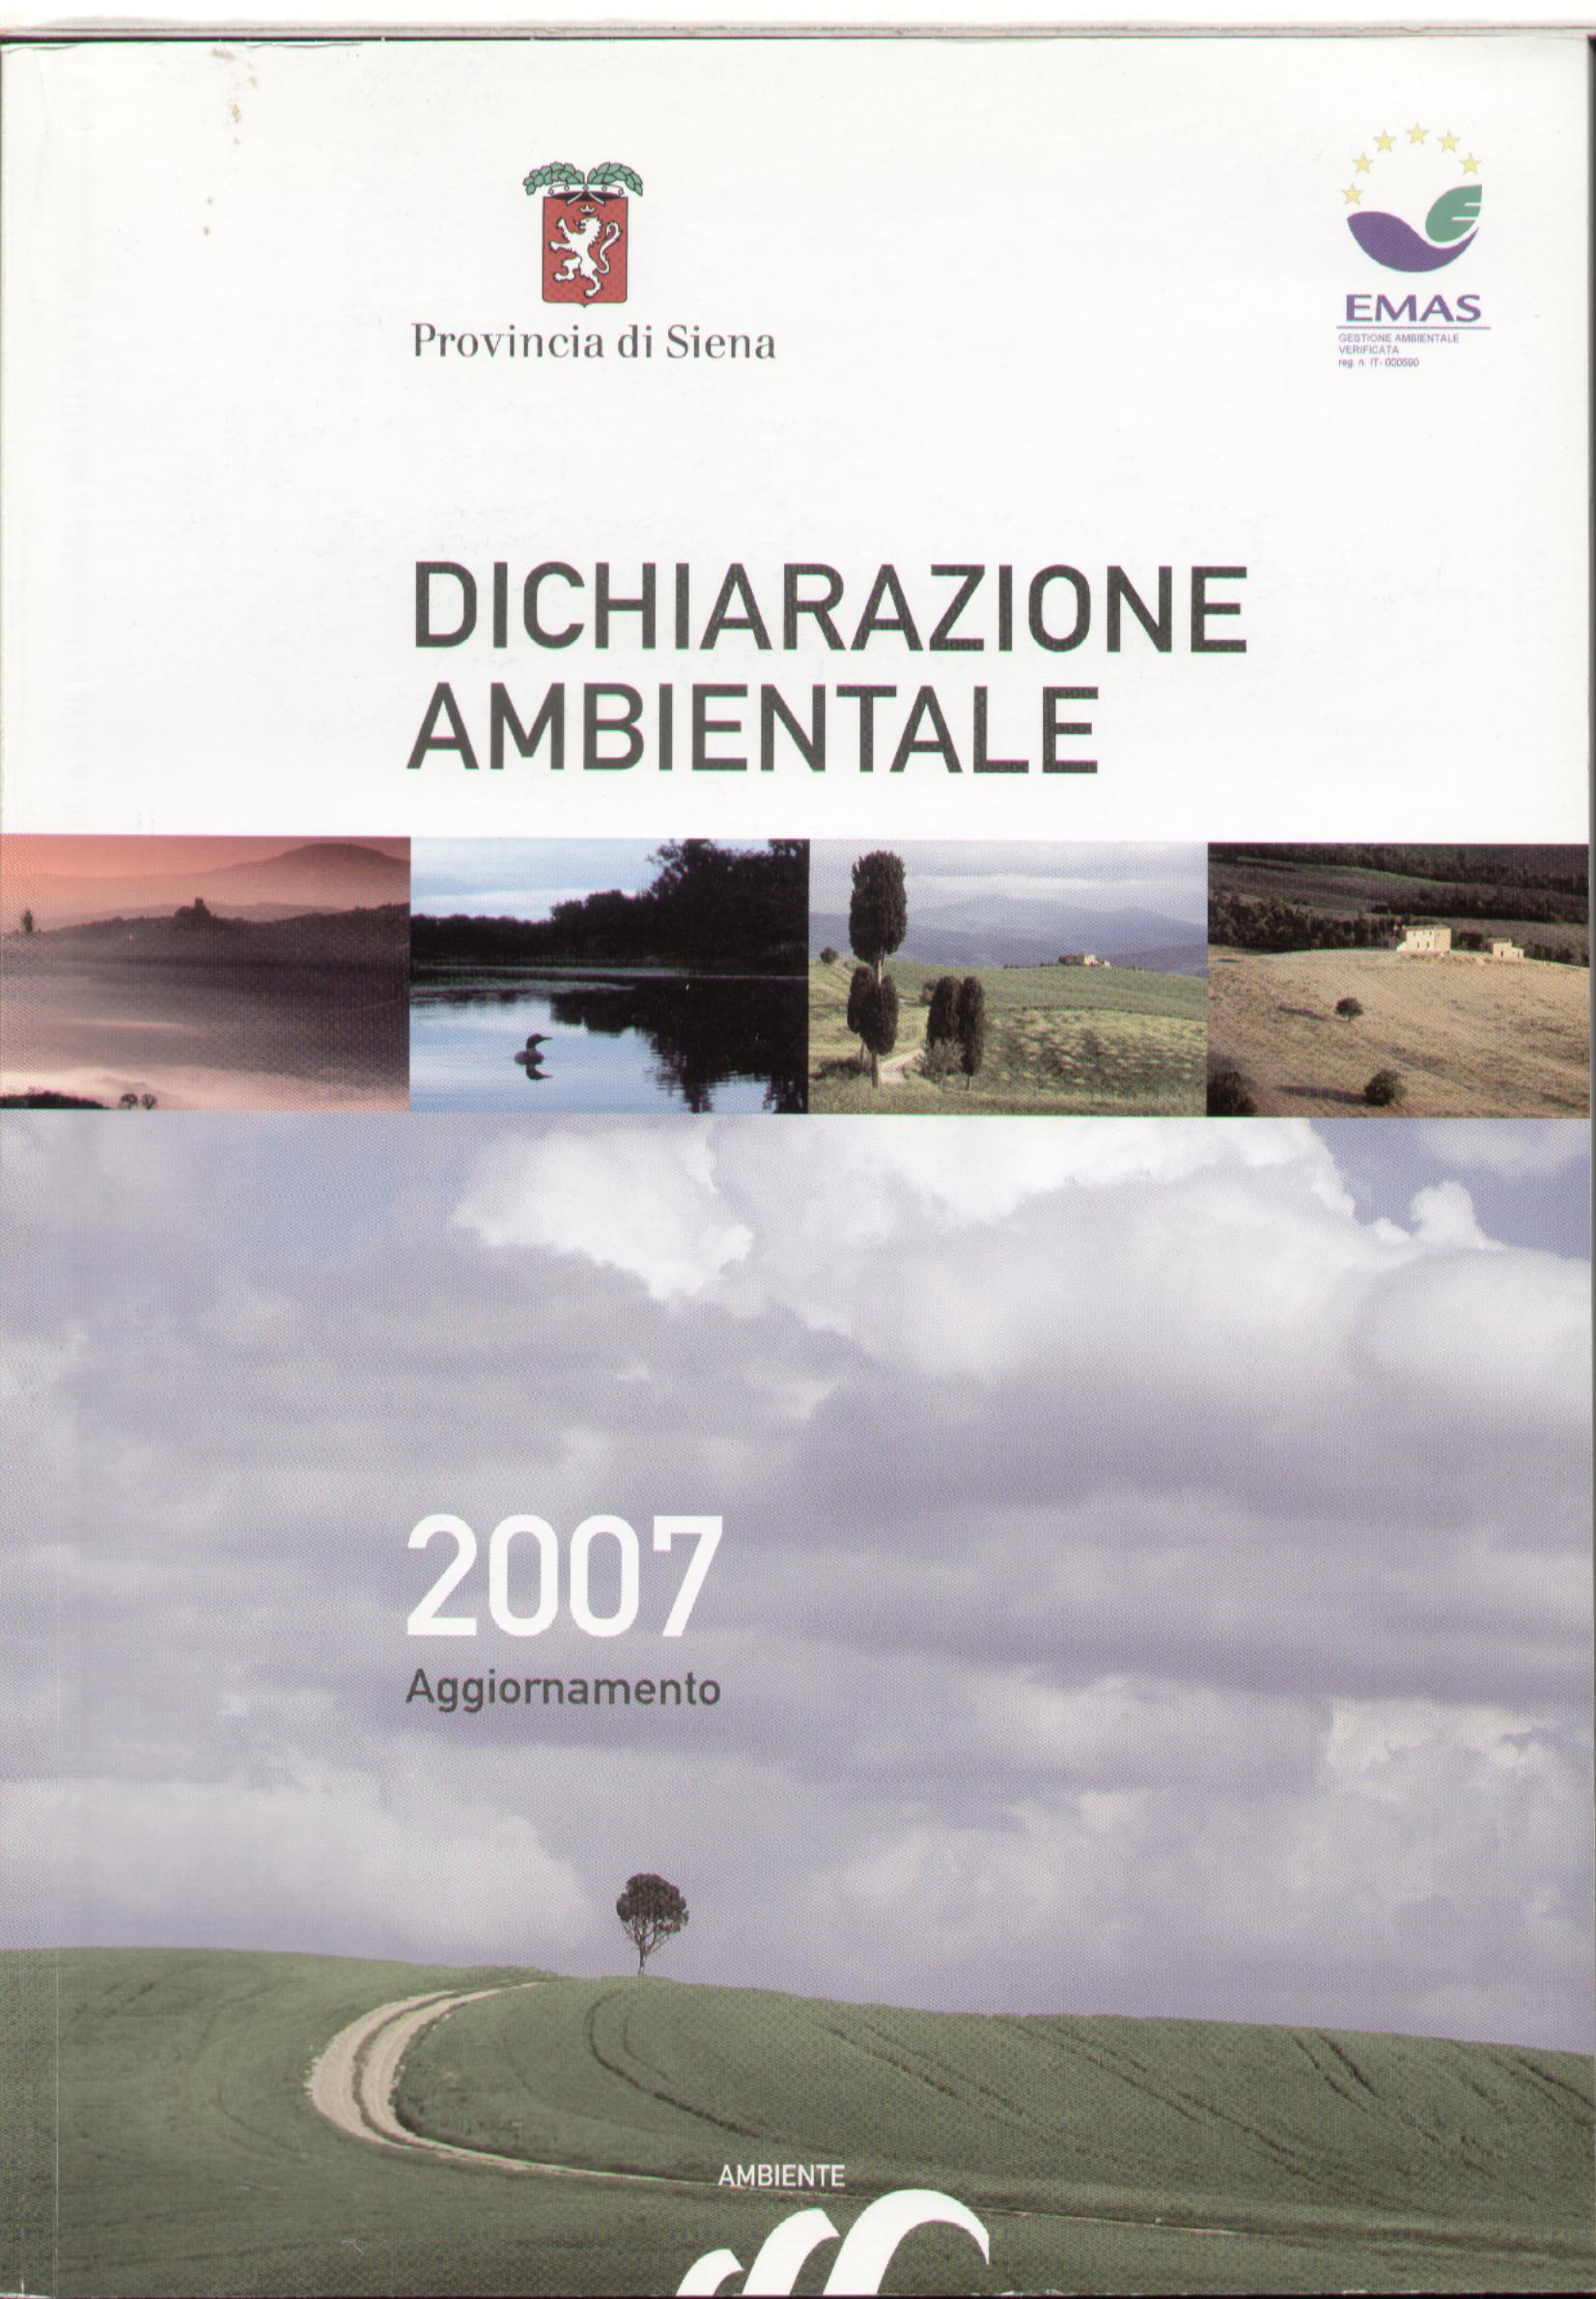 Dichiarazione Ambientale - Provincia di Siena